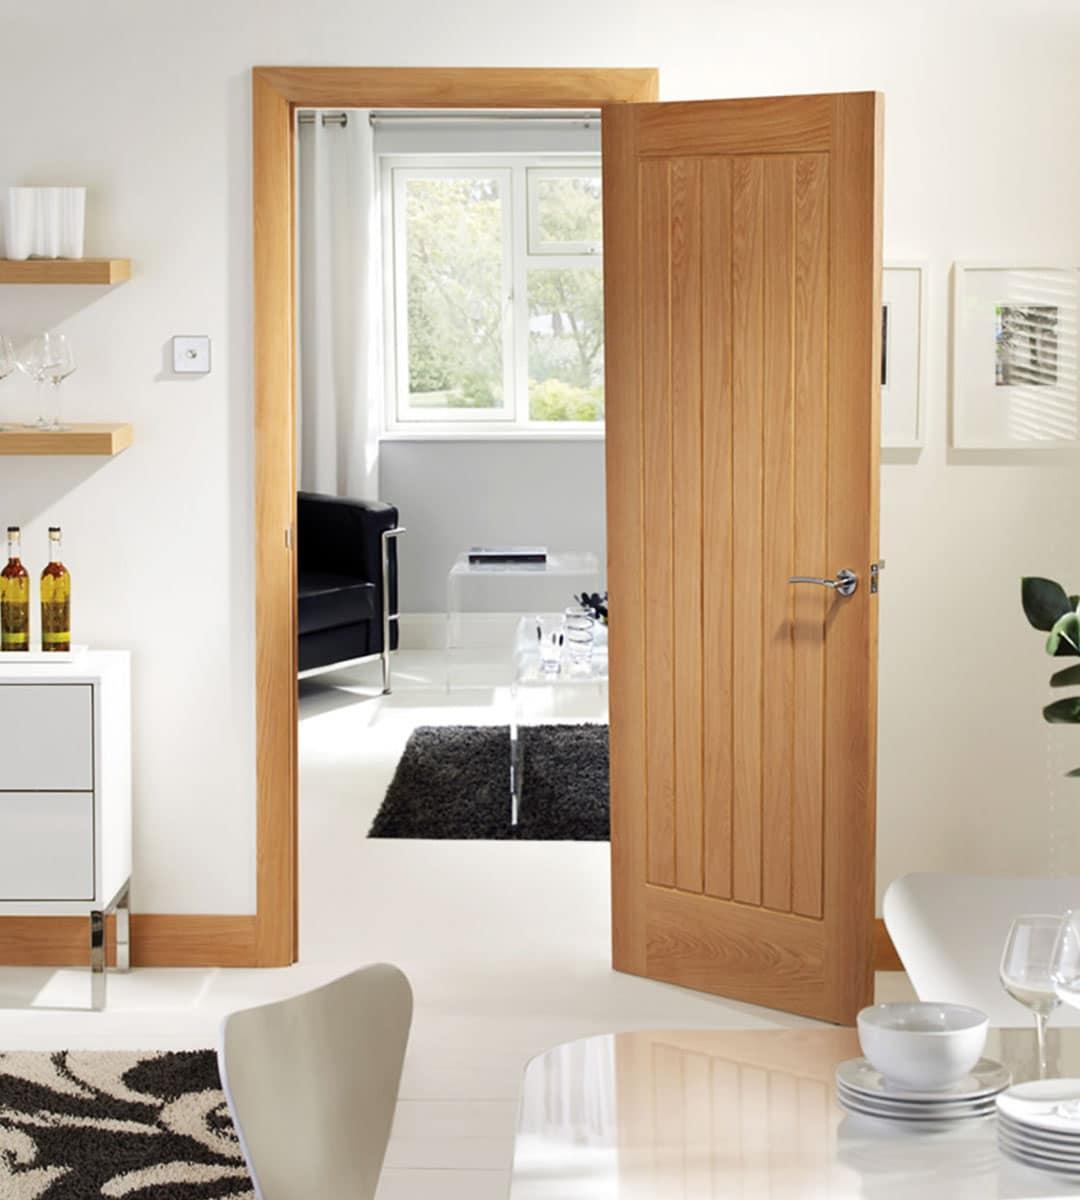 suffolk oak internal bedroom door